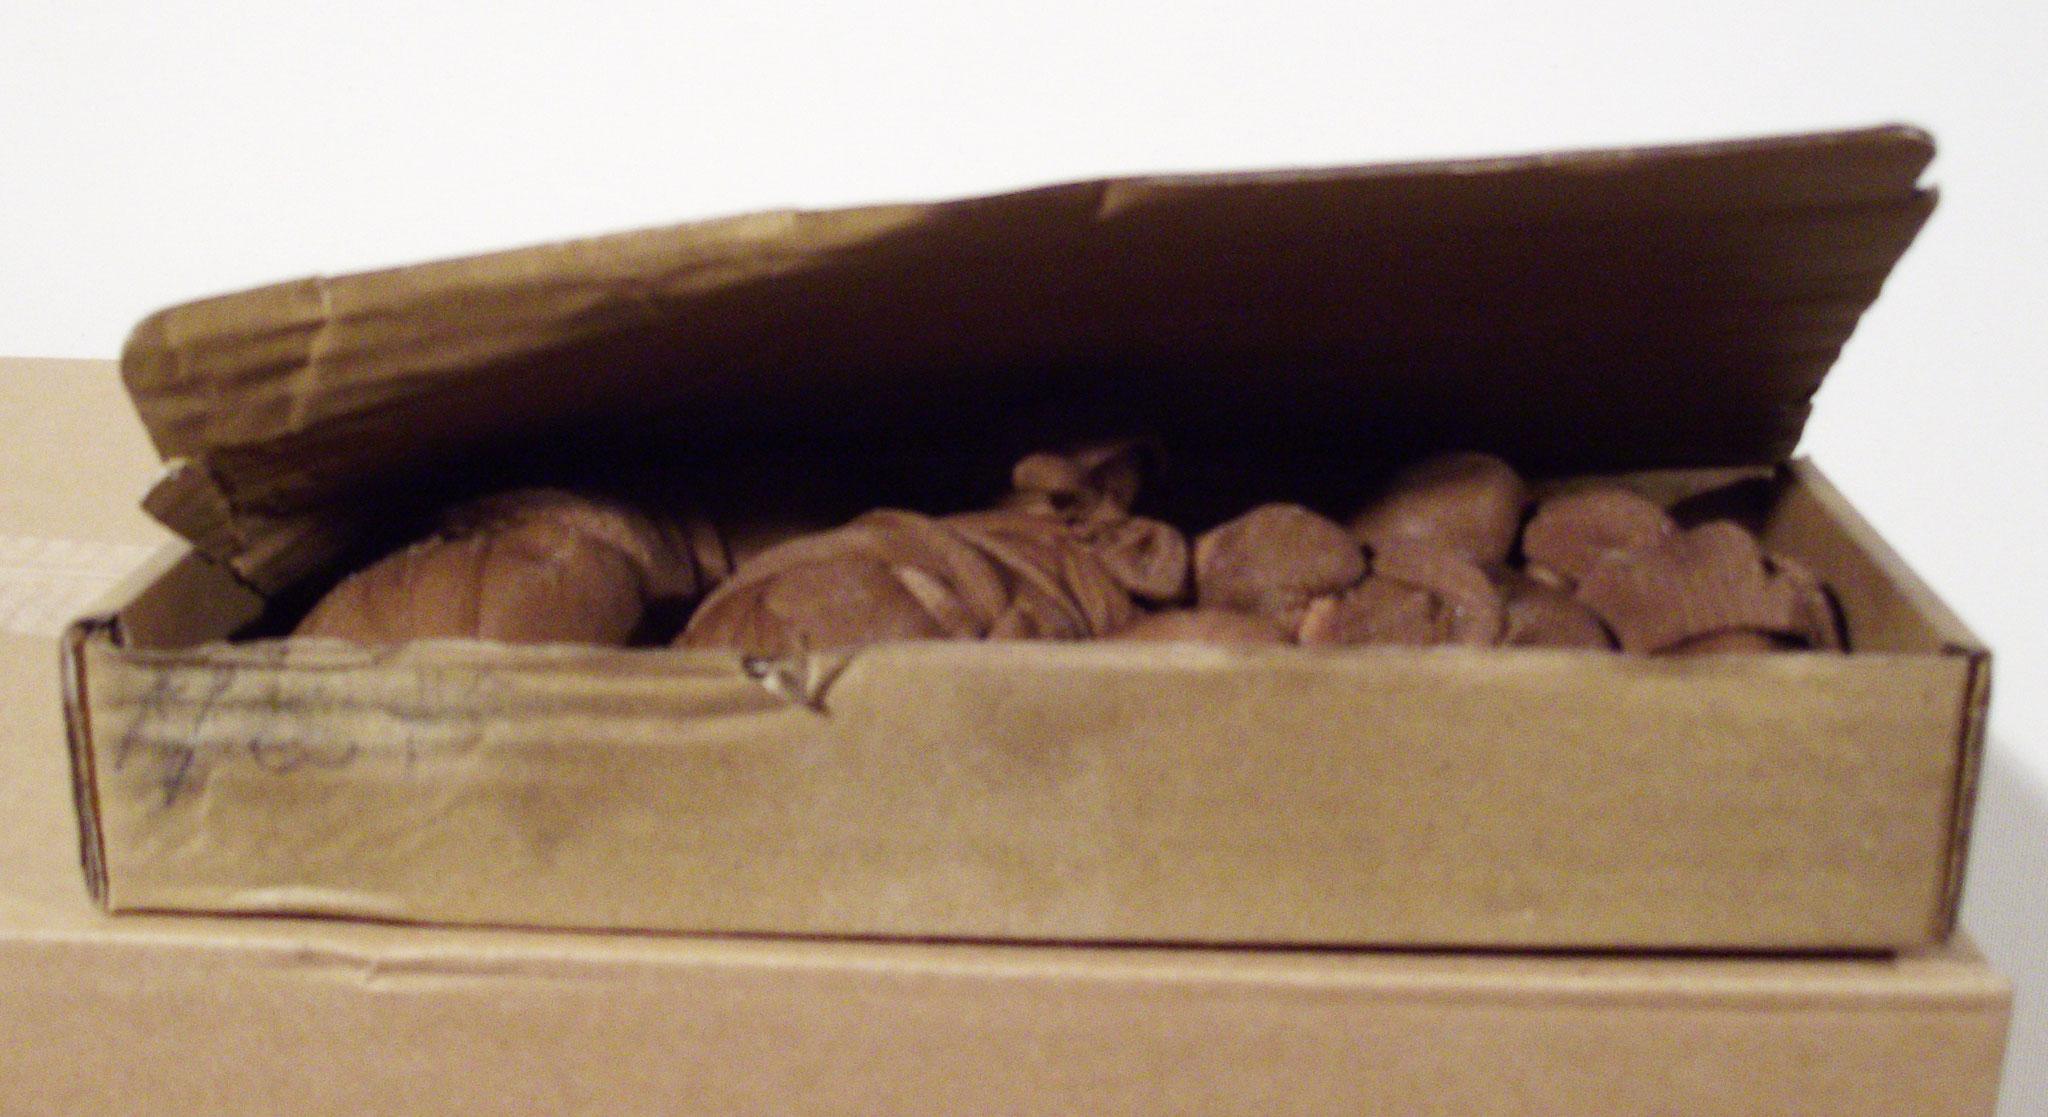 Nest / Polyamid auf Karton / 11 cm x 26 cm x 11 cm / 2010 / MWV S004